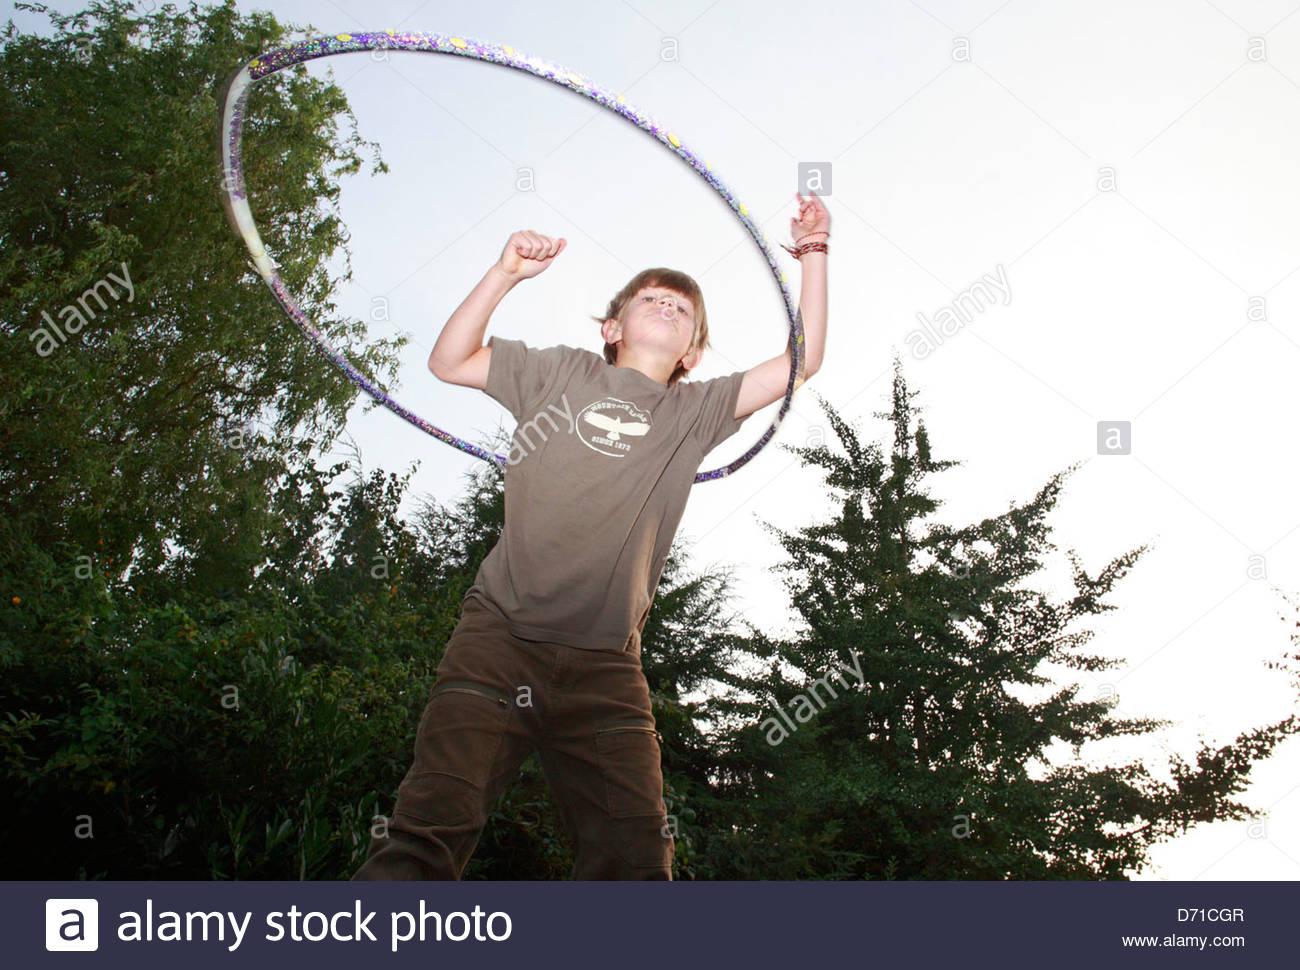 Niedrigen Winkel Blick auf ein Junge spielt mit einem Hula-Hoop Stockbild